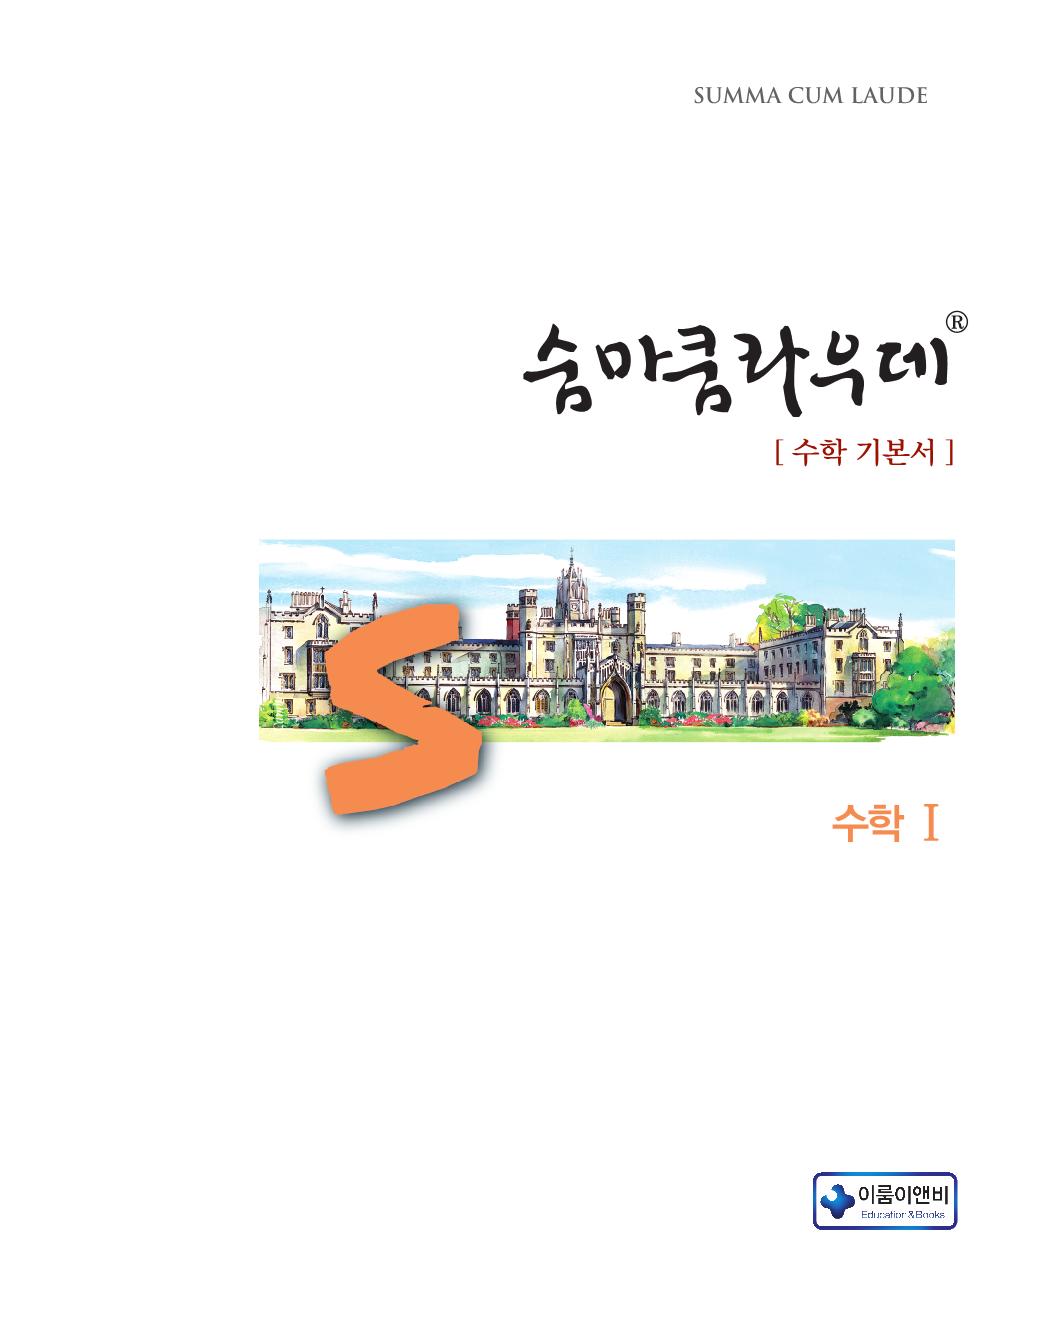 미리보기_숨마쿰라우데_개념기본서_수학12.png